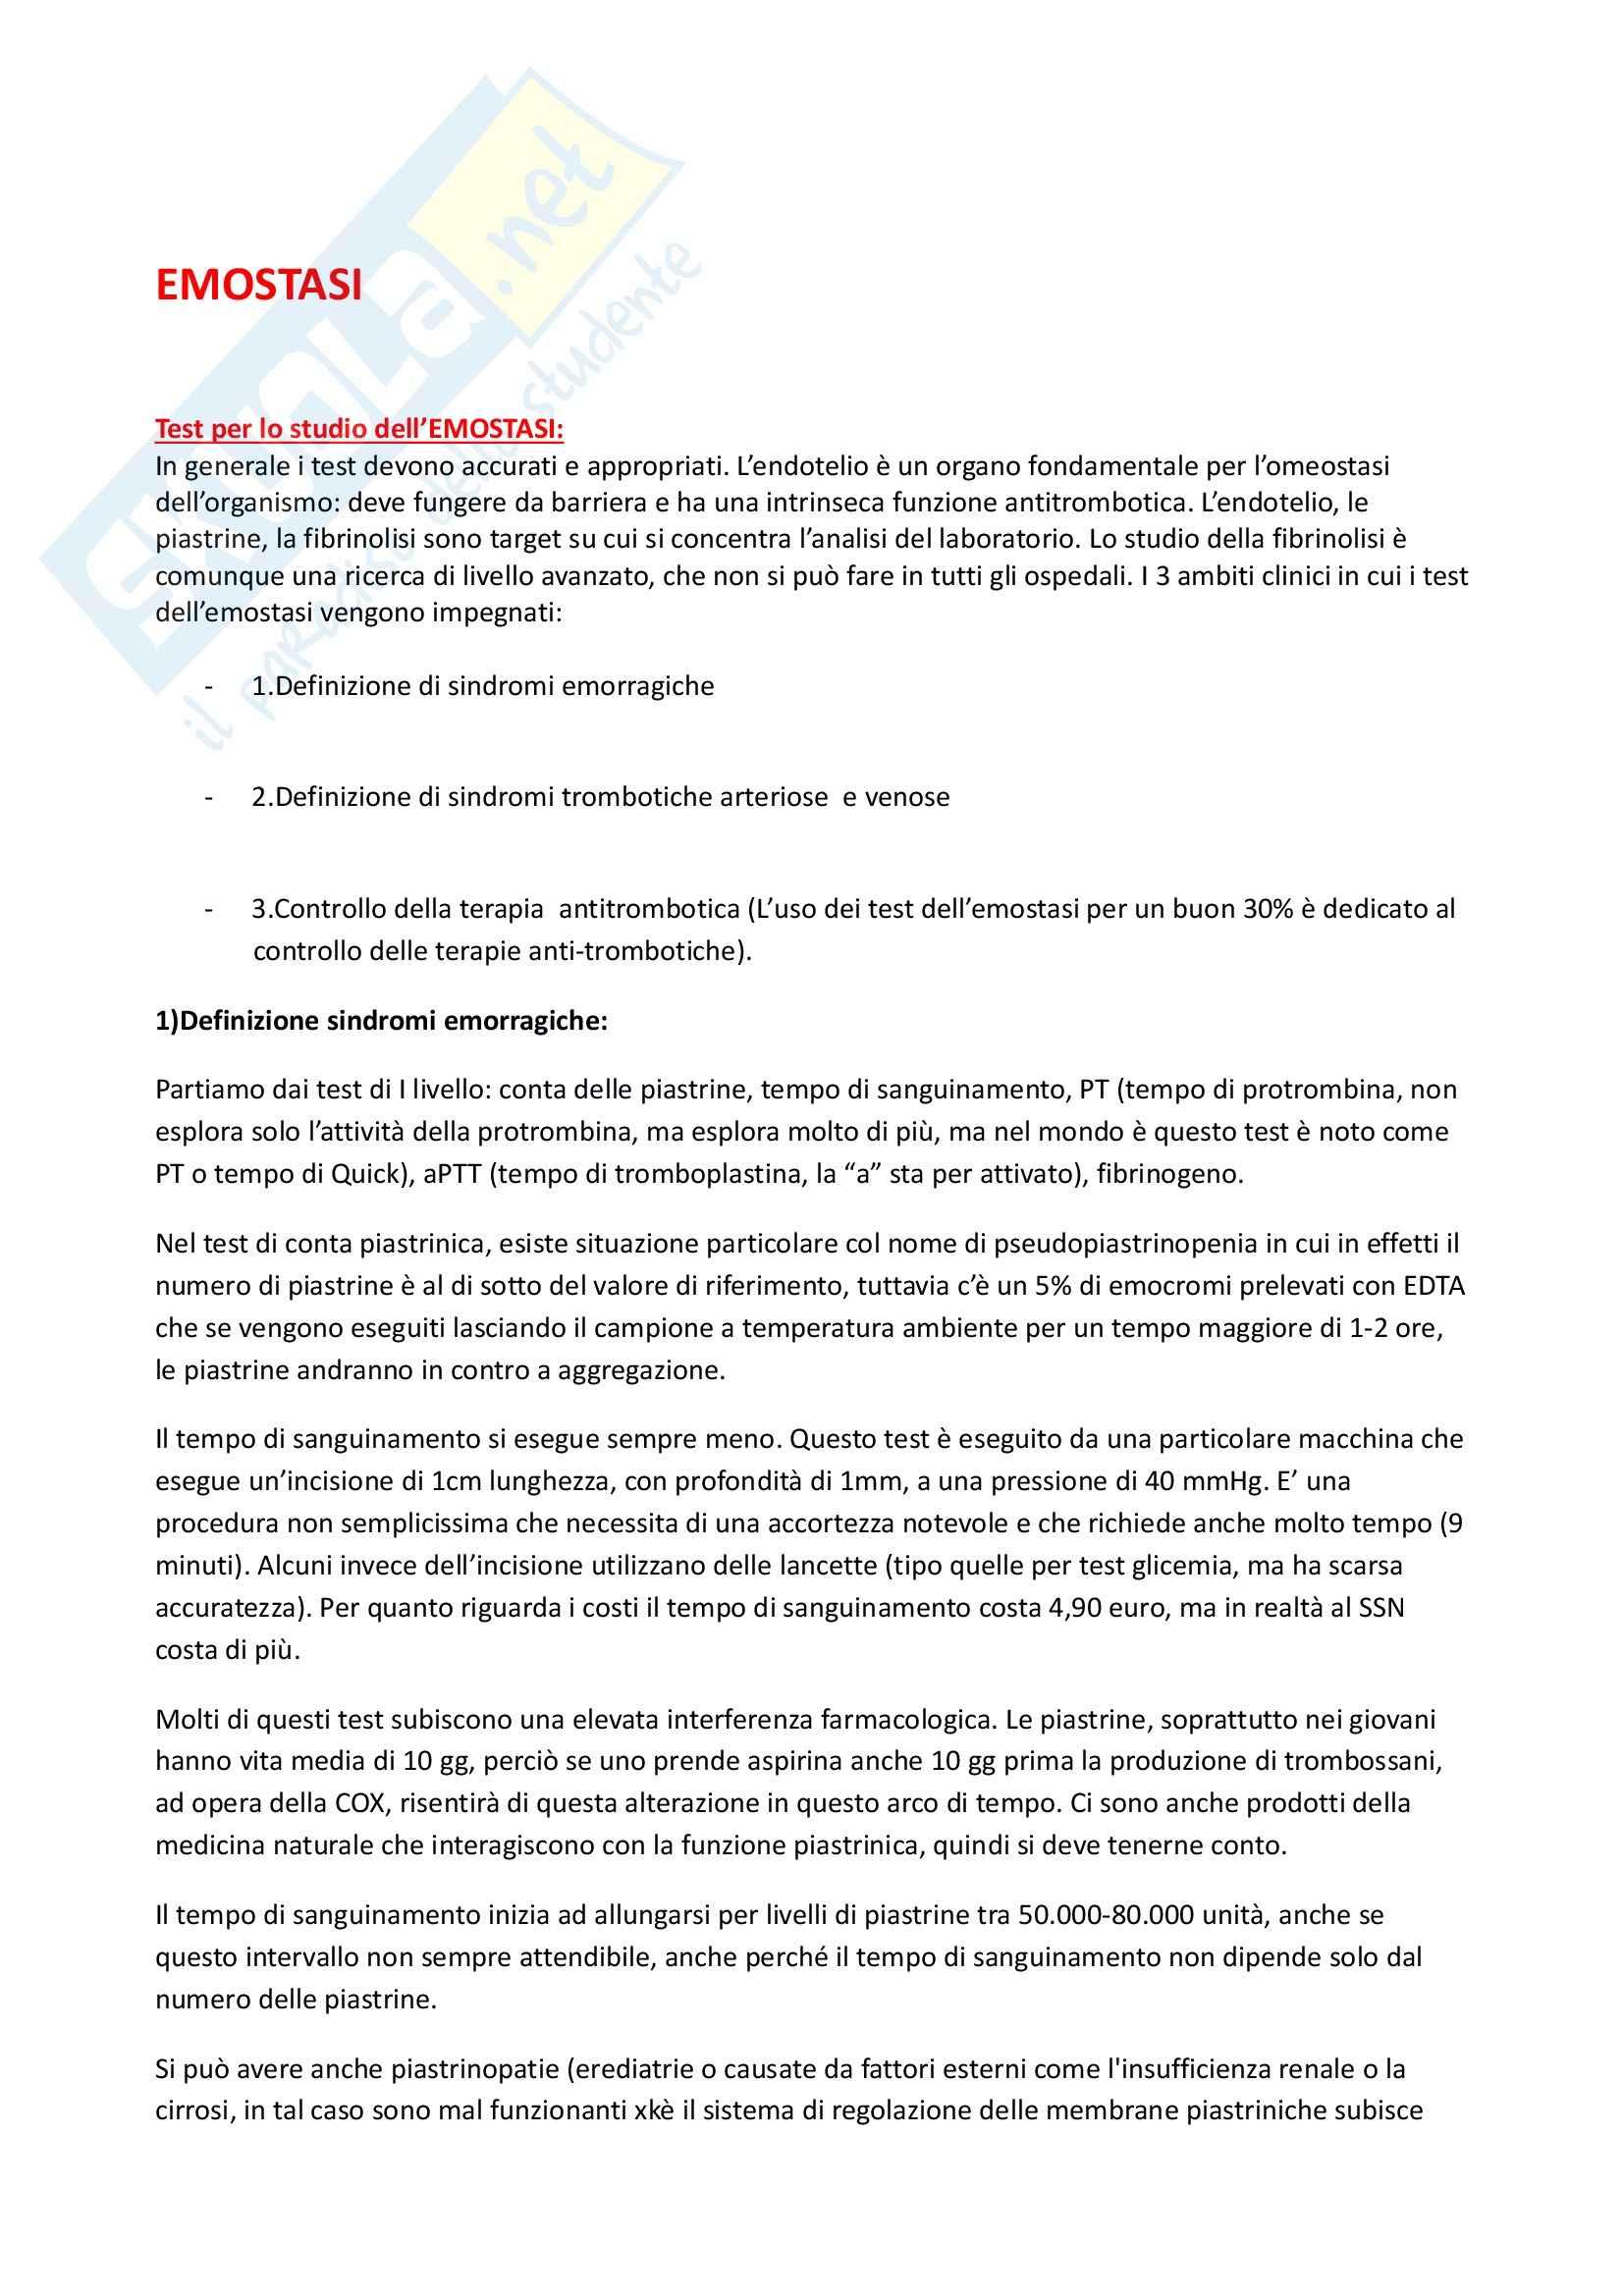 appunto R. Abbate Metodologia Clinica